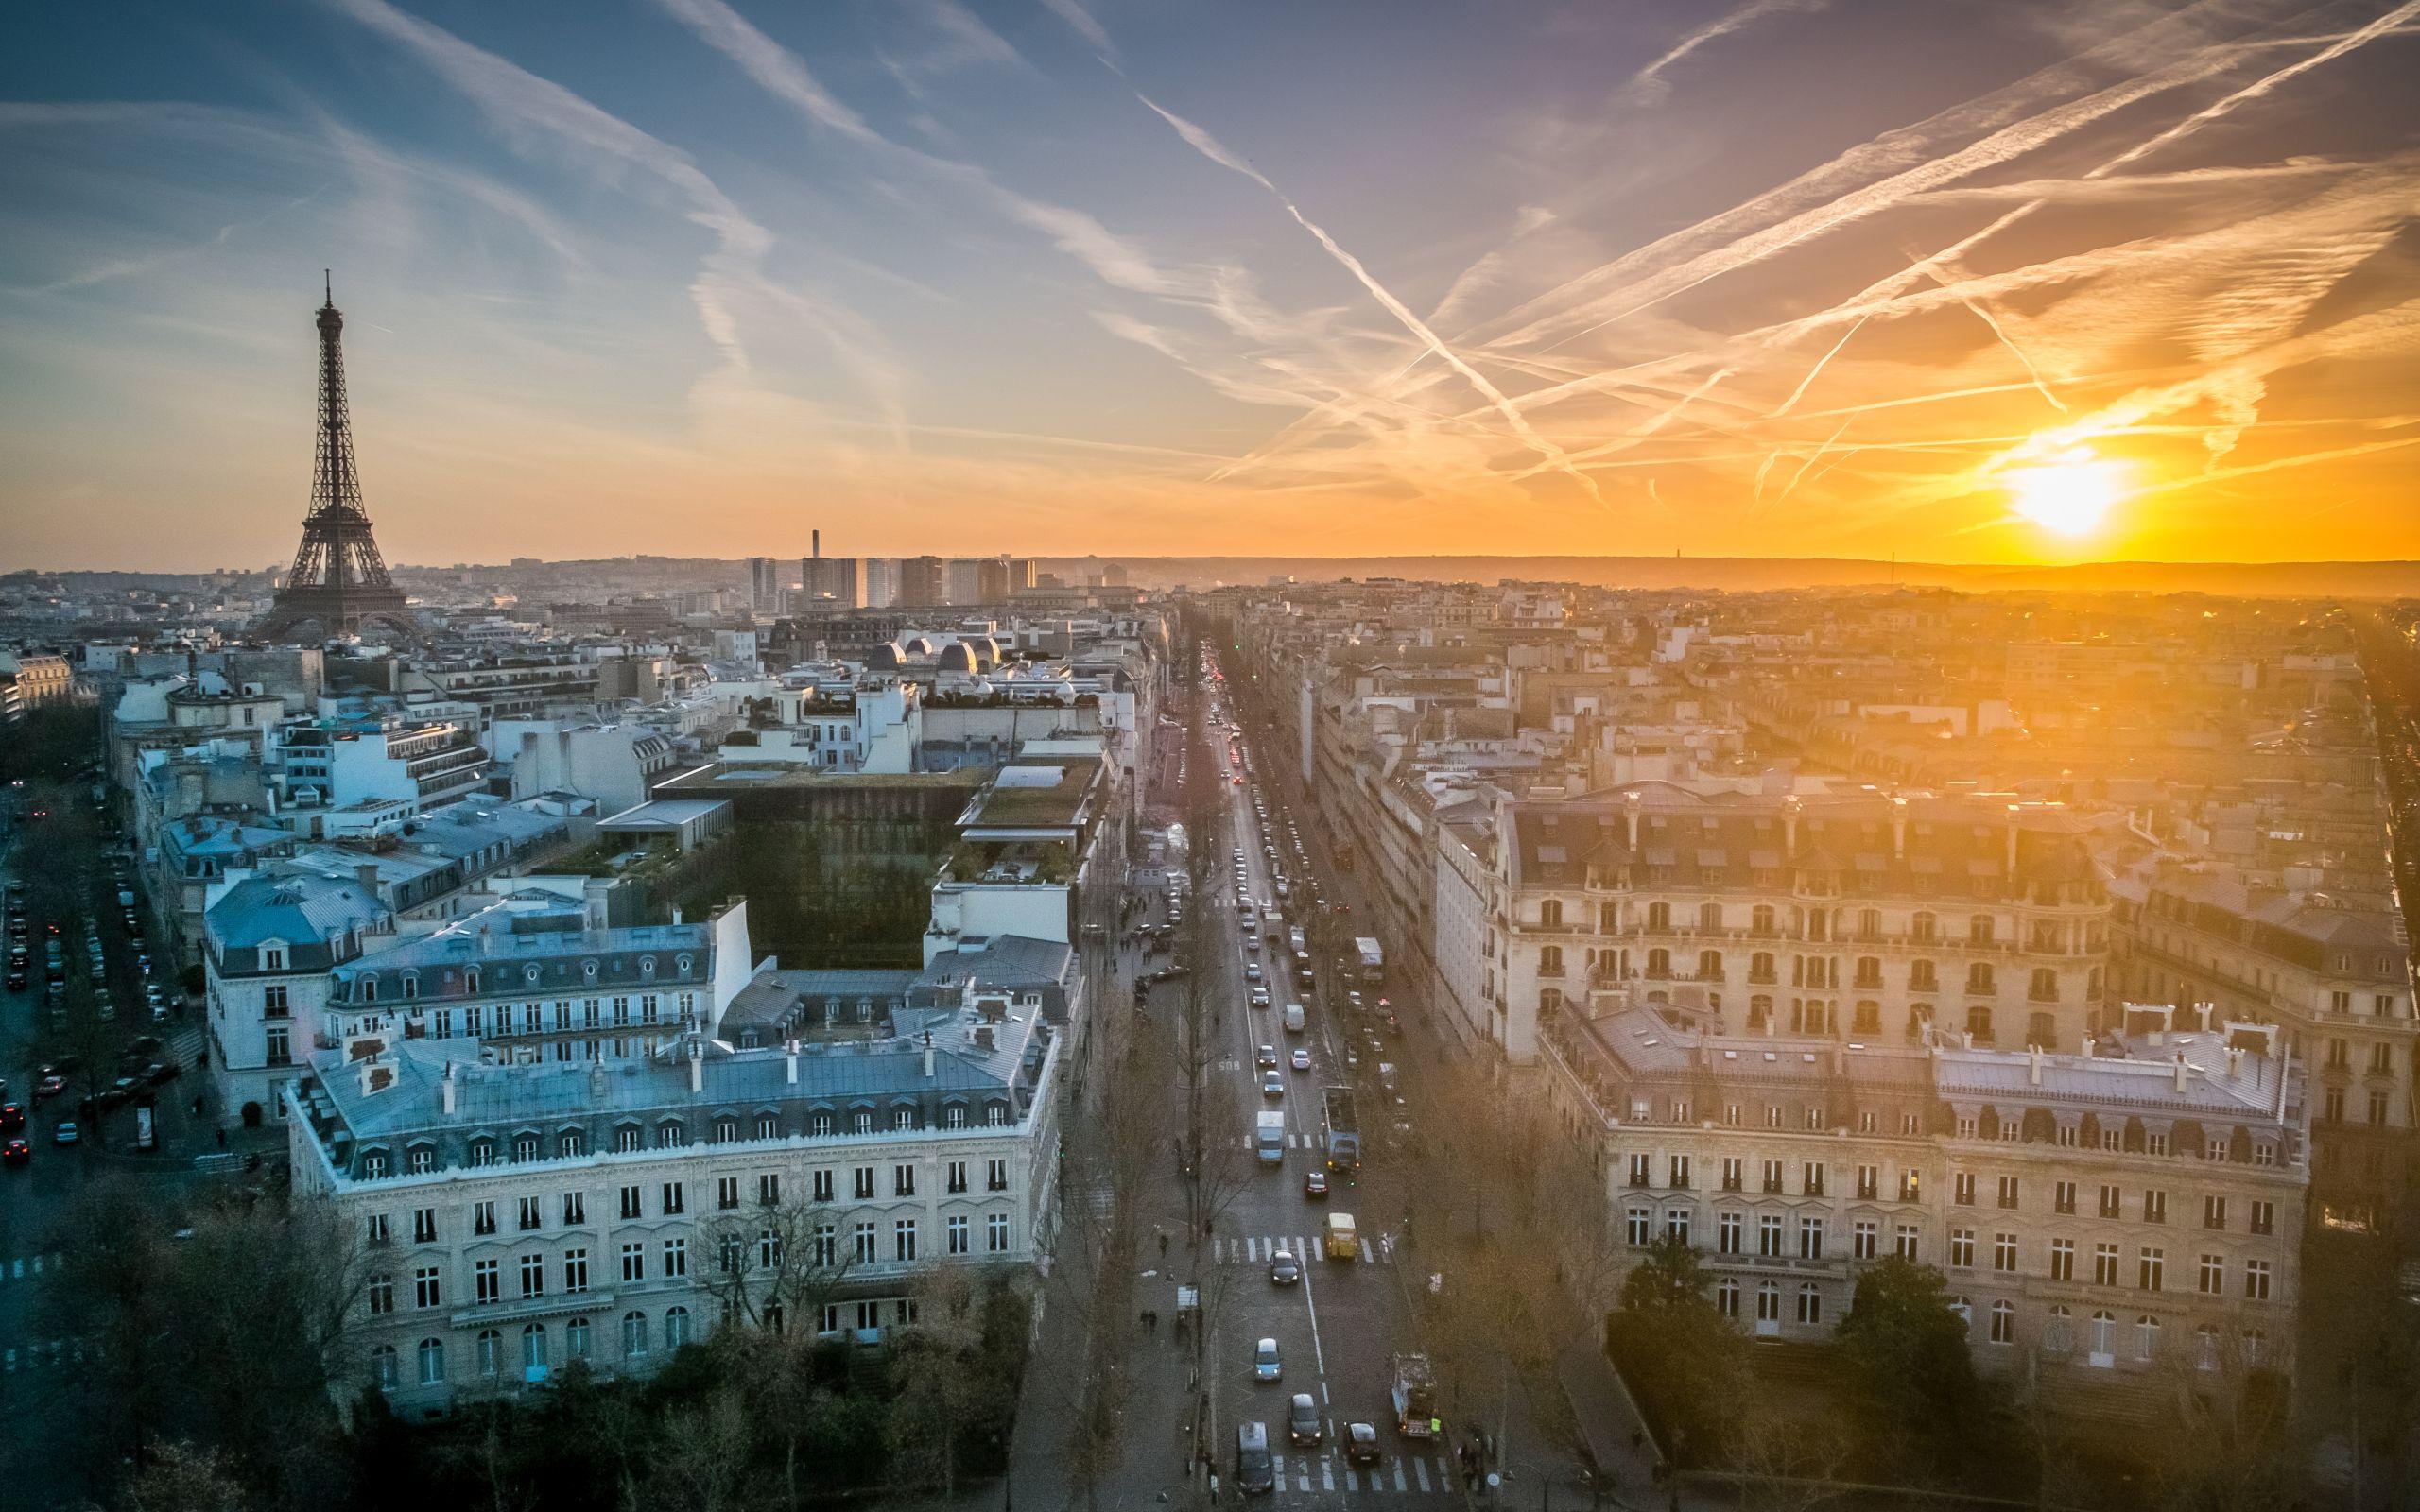 A Paris Fond D Ecran Fond D Ecran Hd